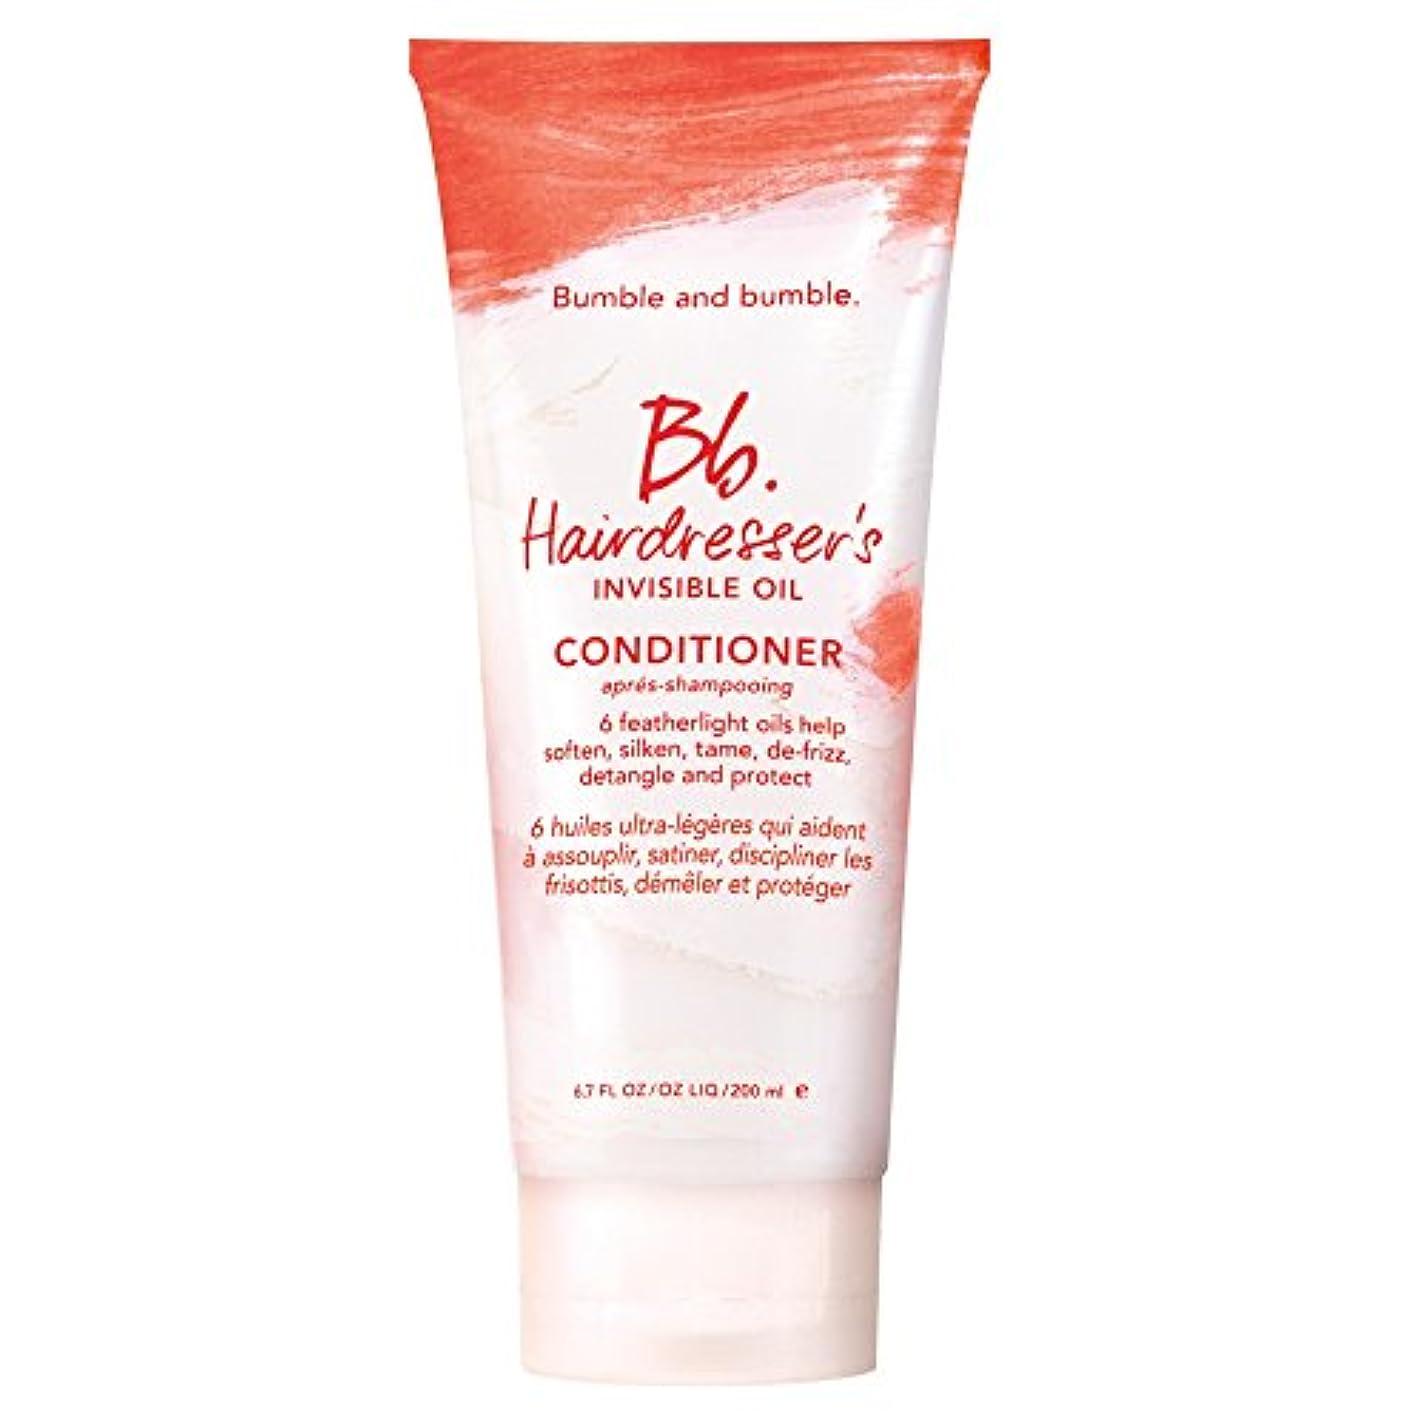 分離達成毛布バンブルアンドバンブル美容見えないオイルコンディショナー200ミリリットル (Bumble and bumble) (x2) - Bumble and bumble Hairdressers invisible oil...